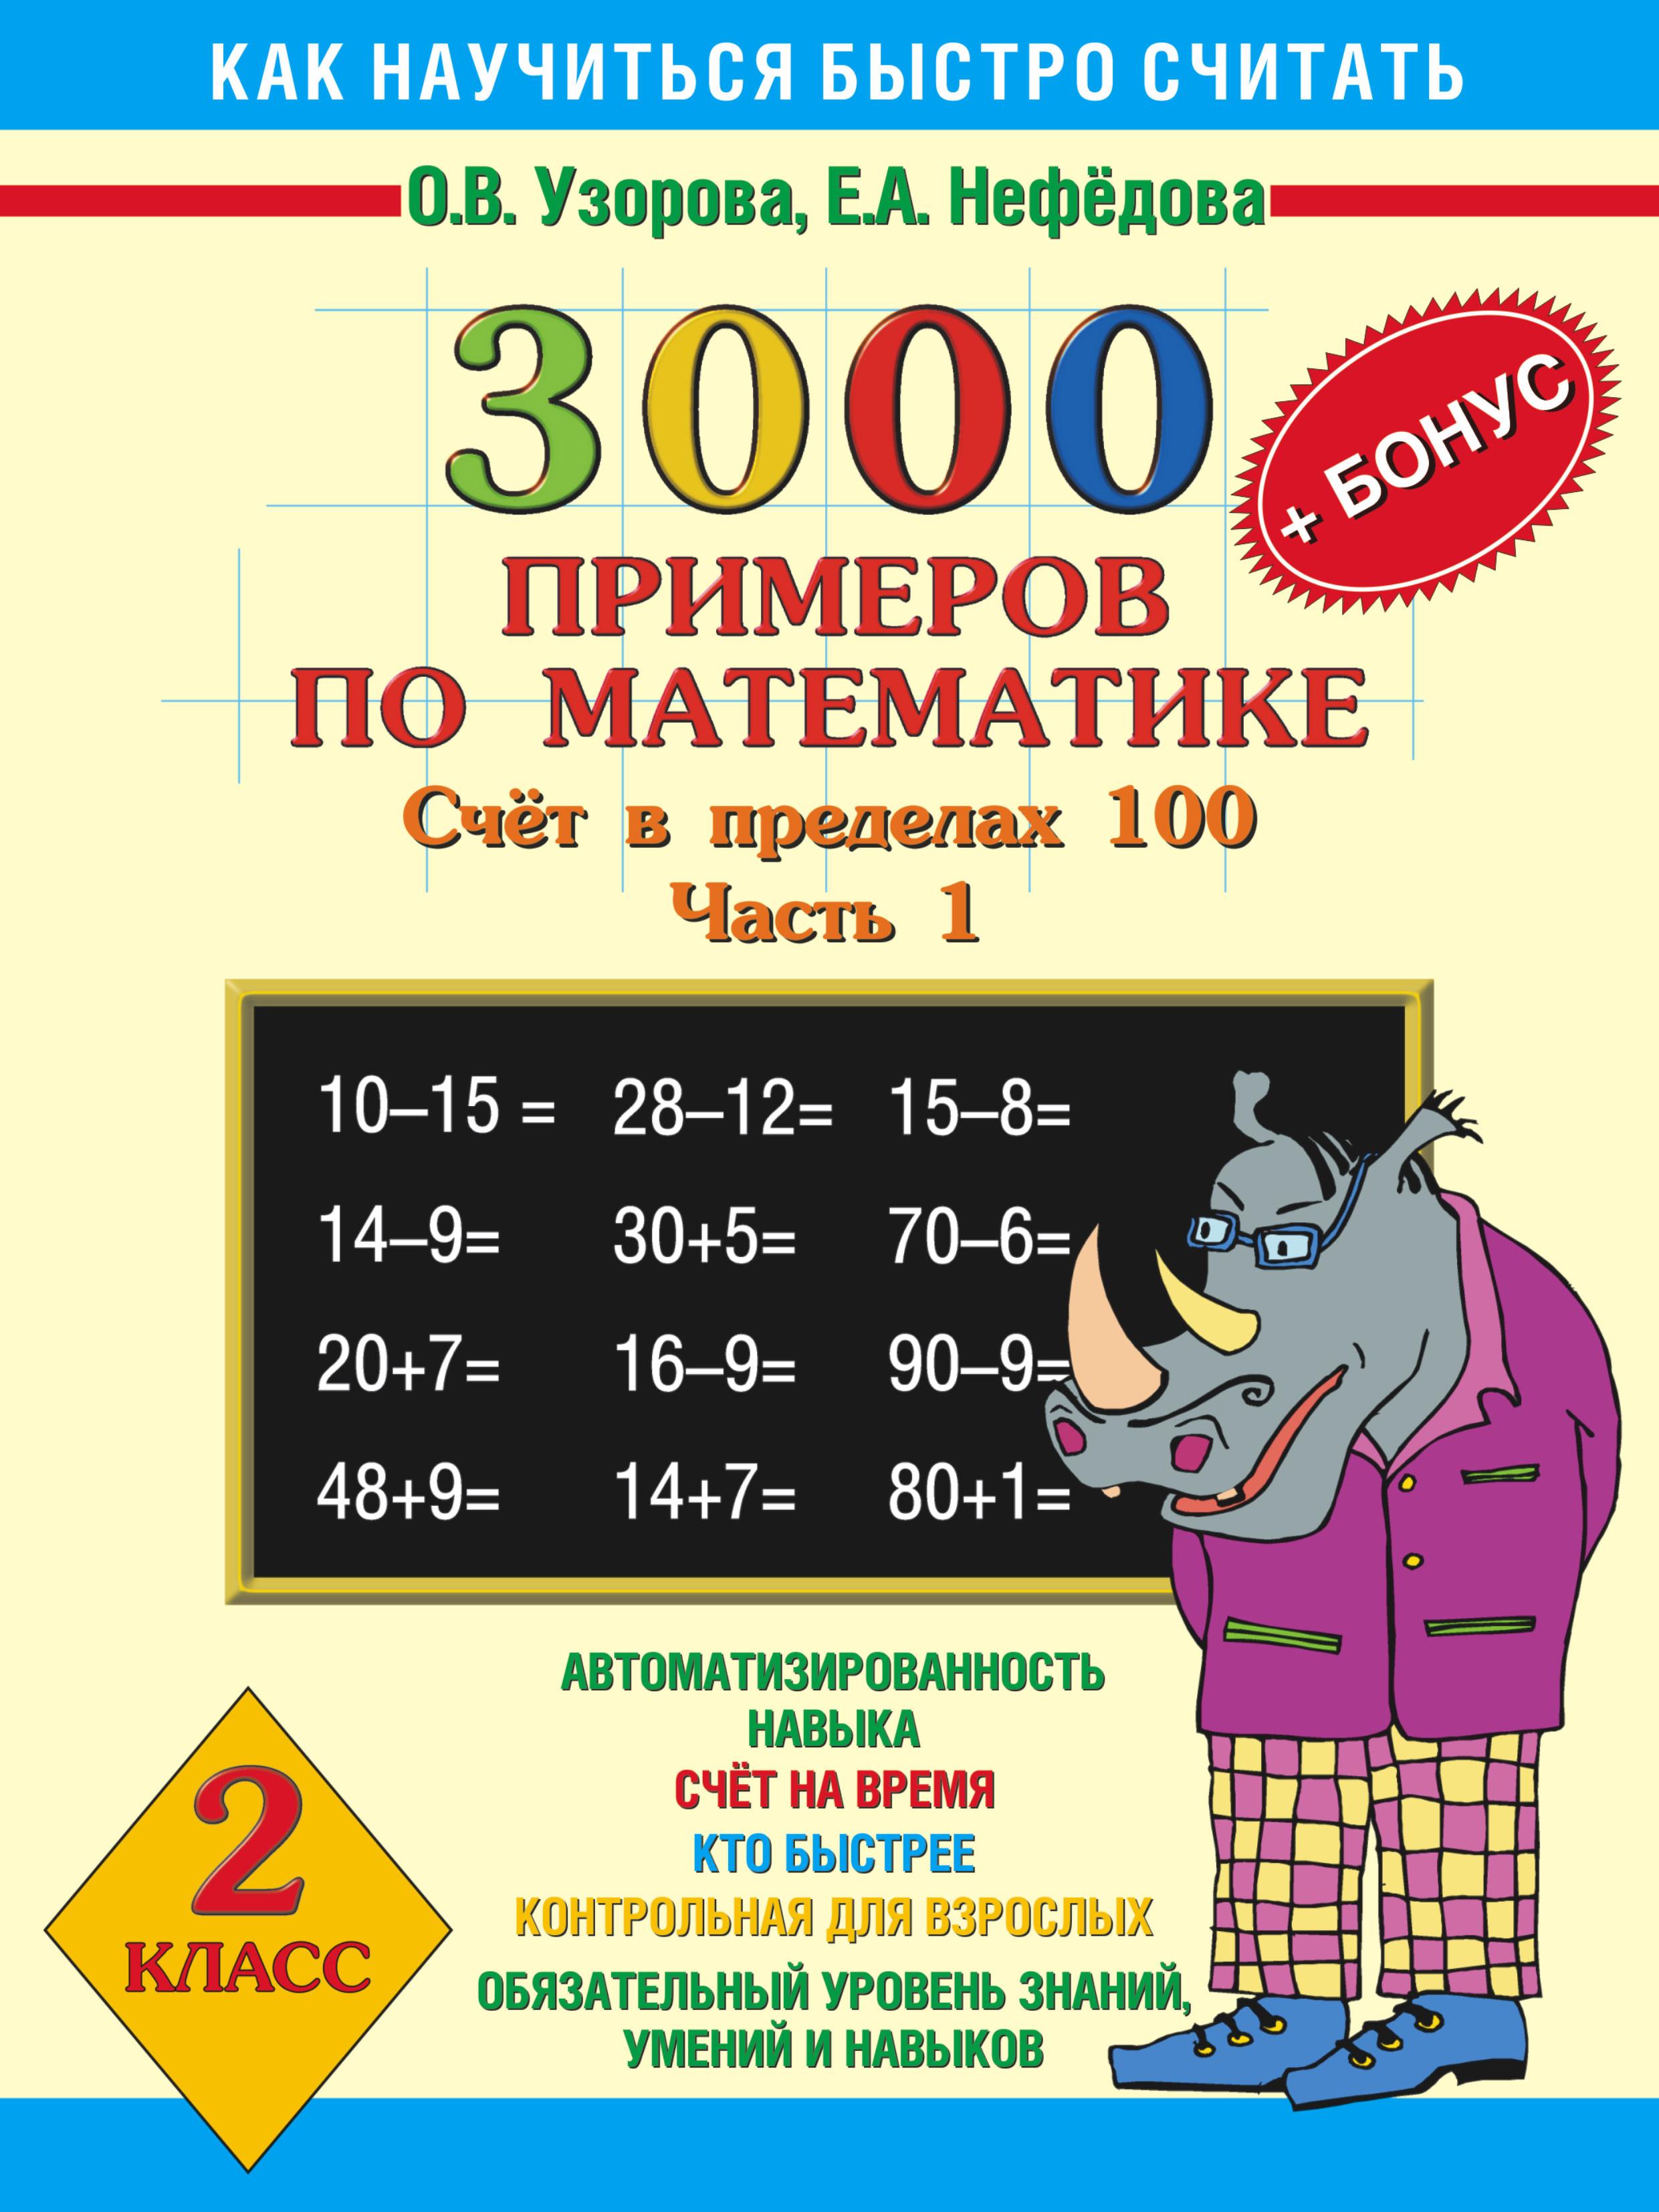 Узорова О.В., Нефедова Е.А. 3000+бонус примеров по математике. (Счет в пределах 100). Ч. 1. 2 класс